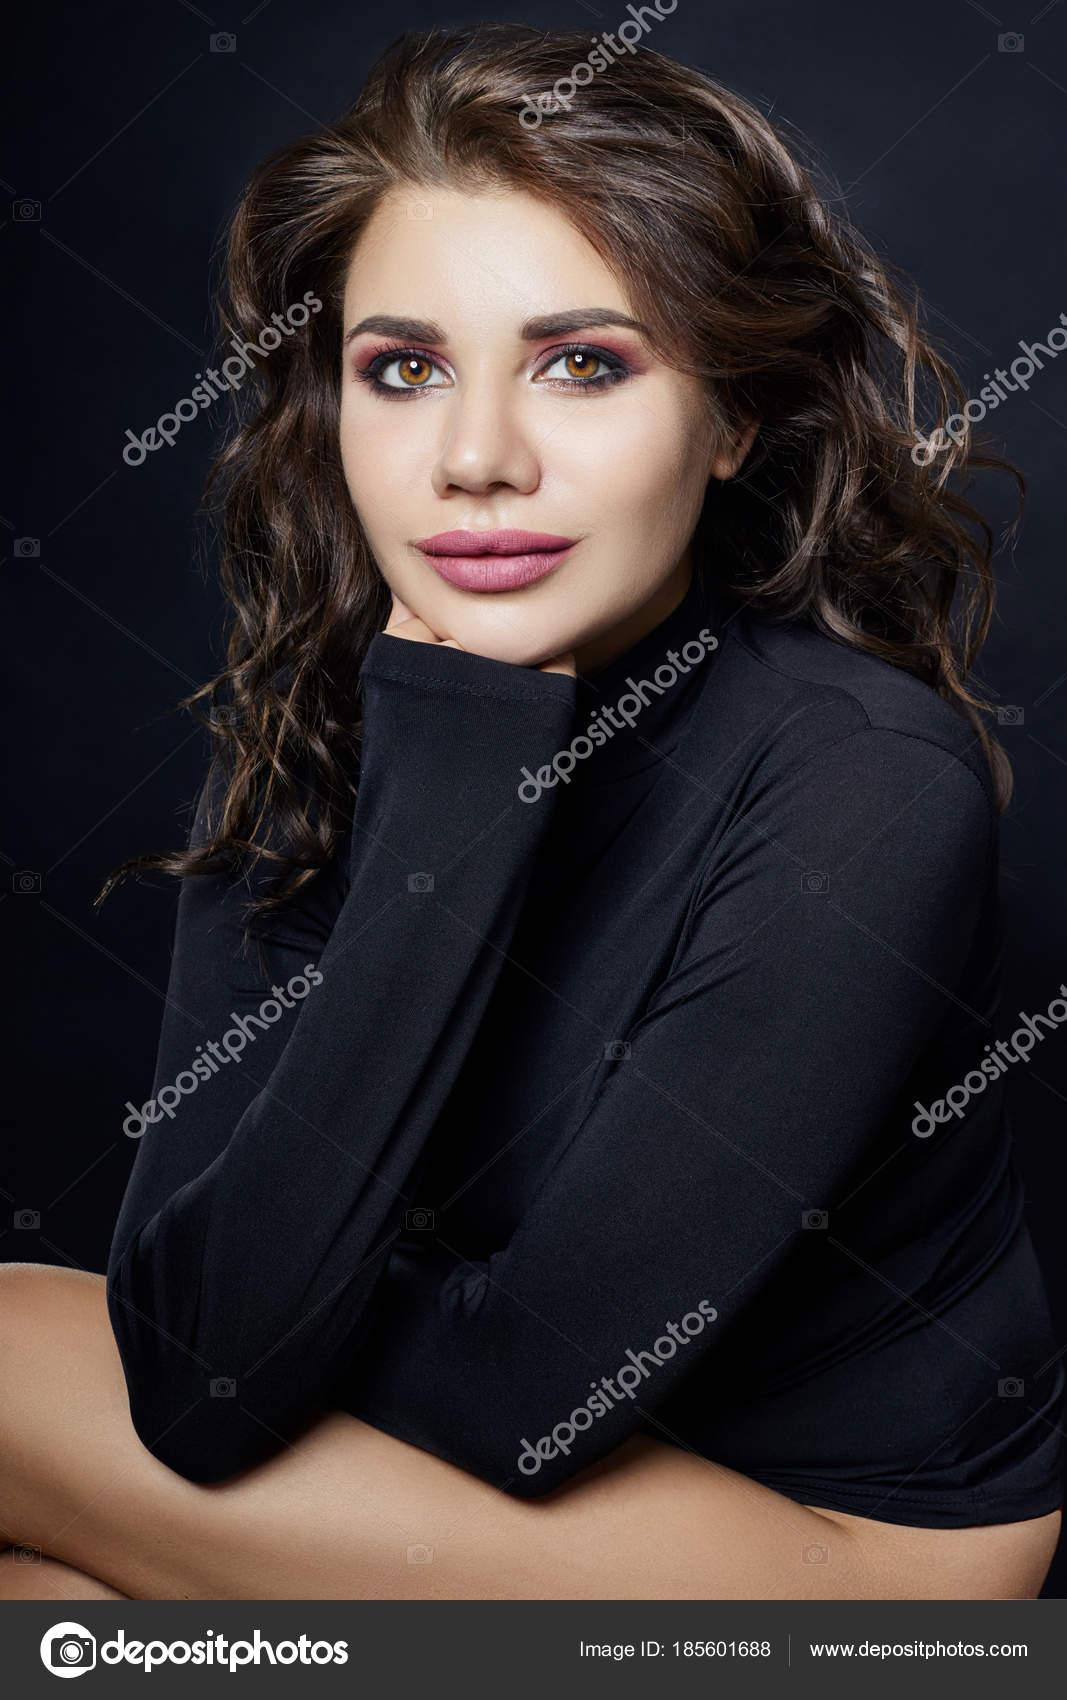 bda5100b07 Retrato de uma mulher sexy com camisola de gola alta preta com uma longa —  Fotografia